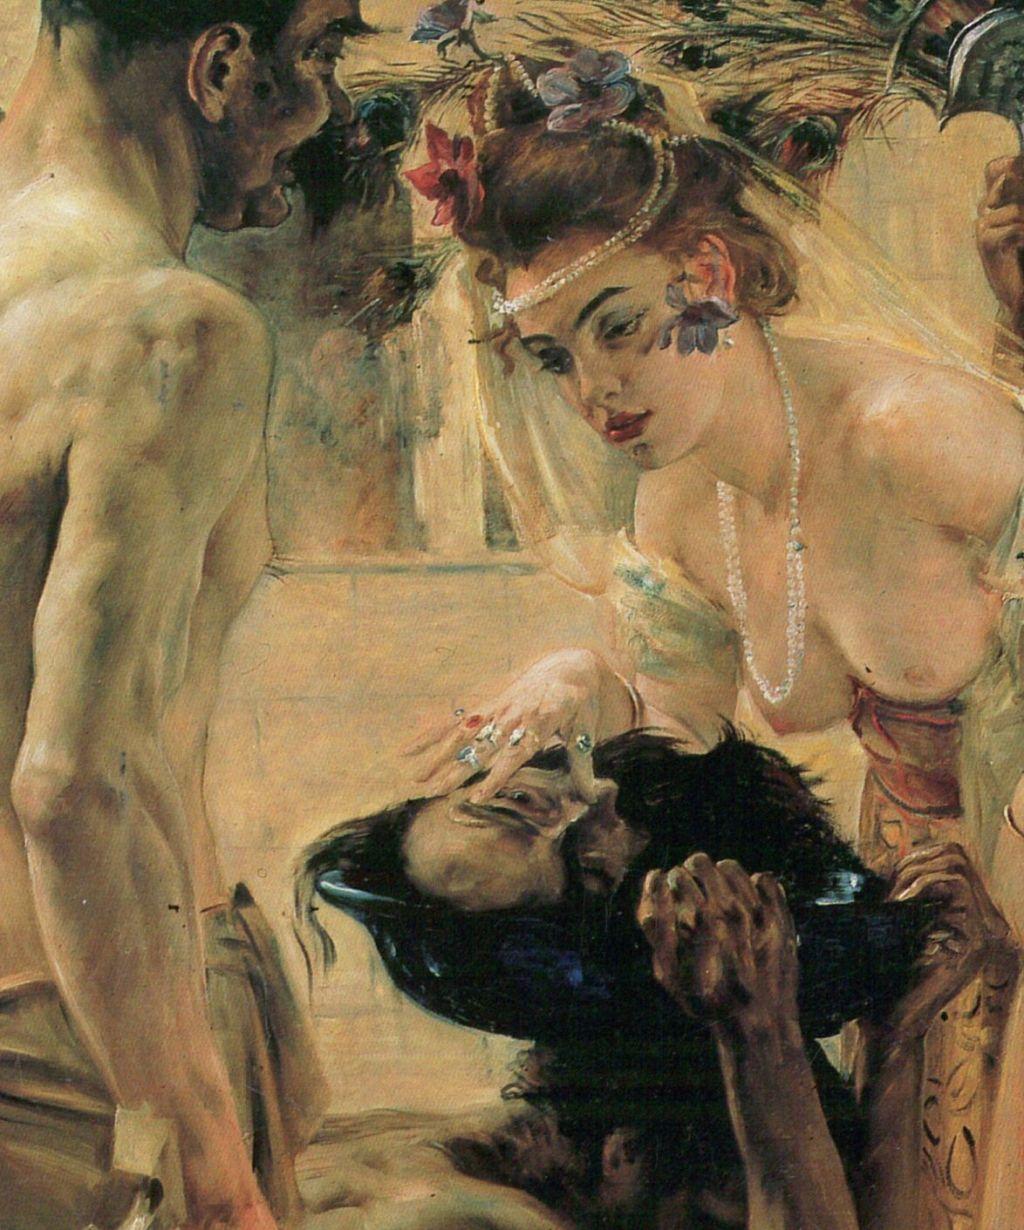 Lovis Corinth (1858–1925), Salome (II) (detail) (1900), oil on canvas, 127 × 147 cm, Museum der Bildenden Künste Leipzig, Leipzig. Wikimedia Commons.